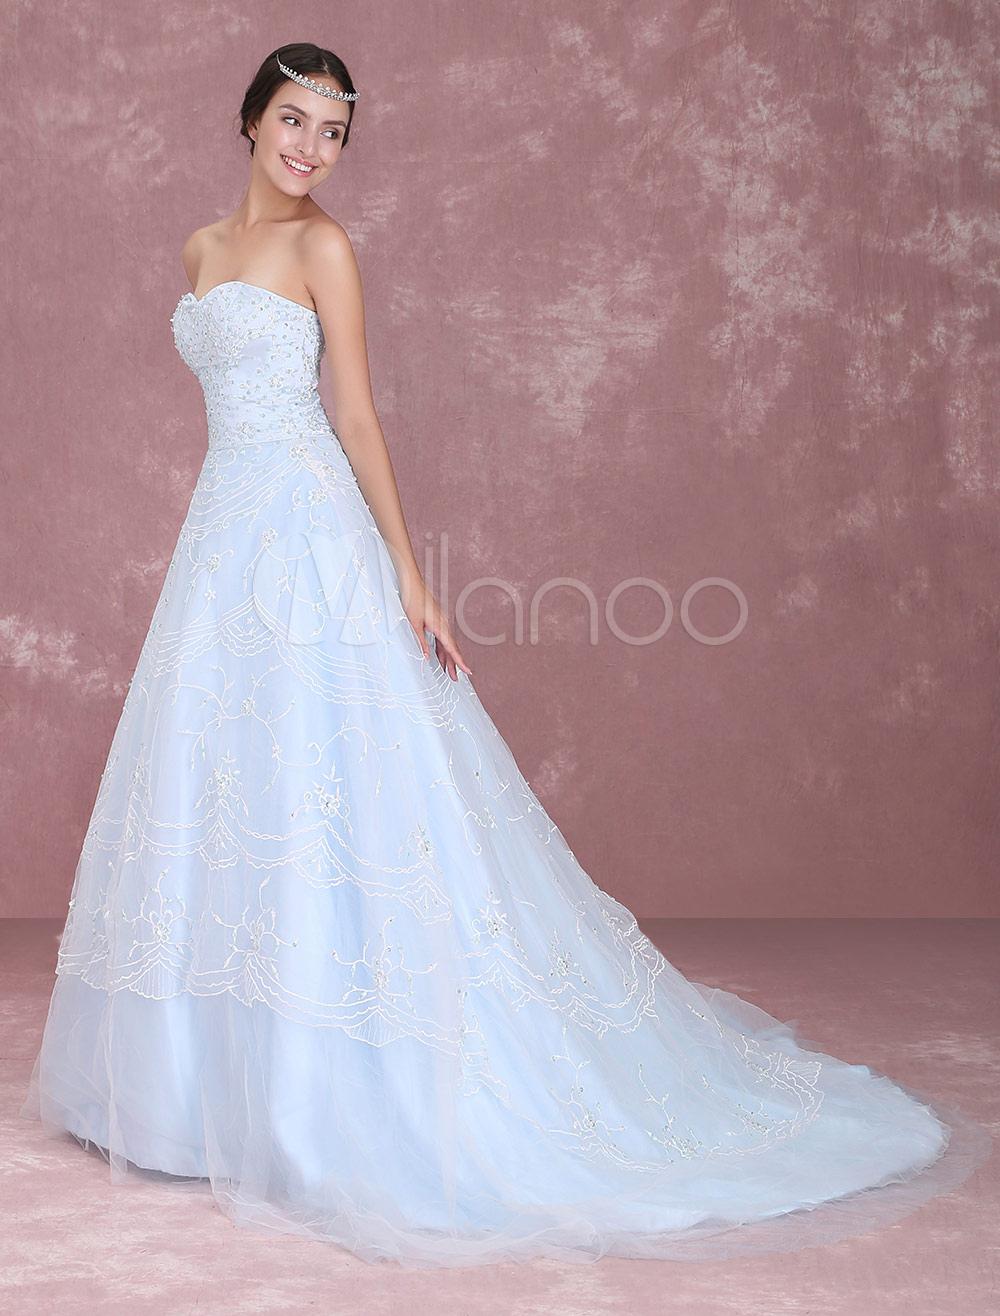 ff5627ec69ab Abito da sposa azzurro moderno in tulle con scollo a cuore con perline con  strascico Milanoo ...